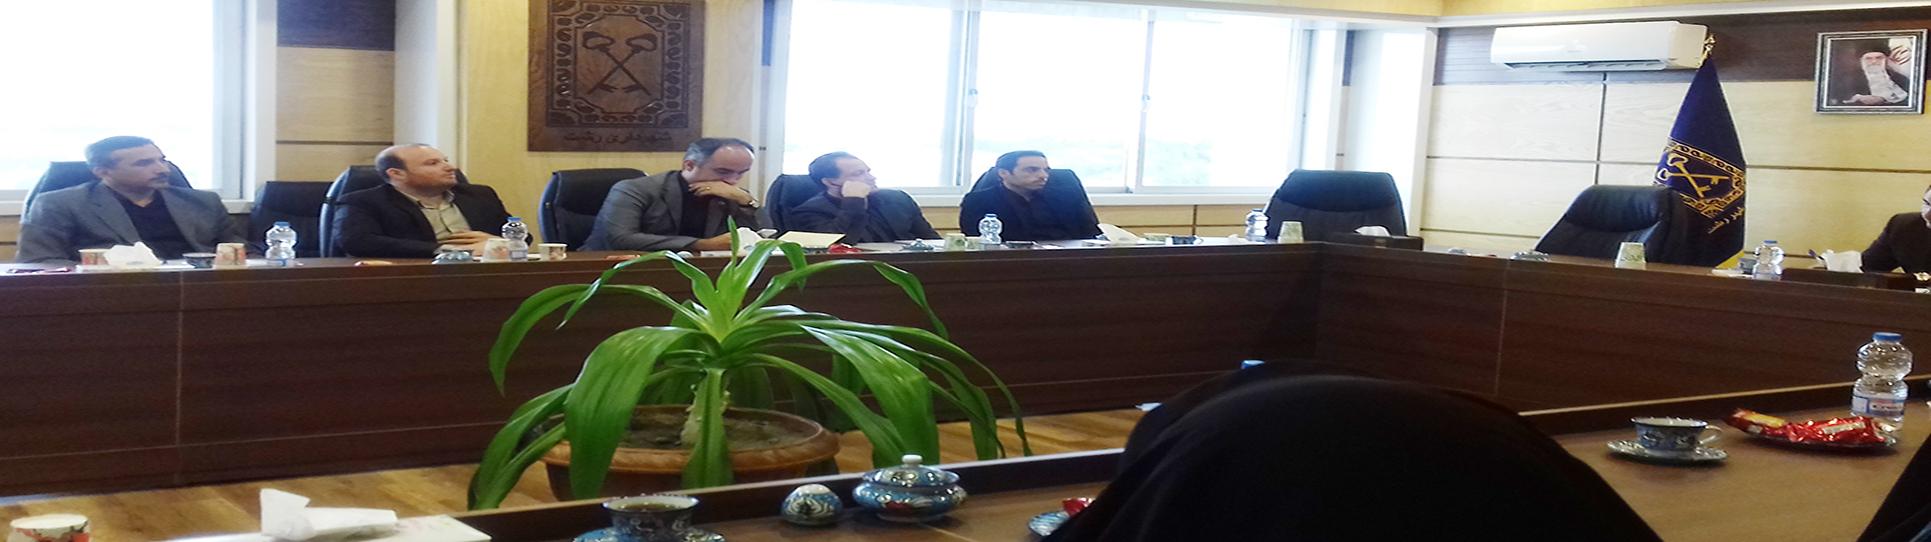 جلسه هم اندیشی رؤسای مالی و اقتصادی سازمان های شهرداری با مدیریت حسابرسی و مشاور شهردار